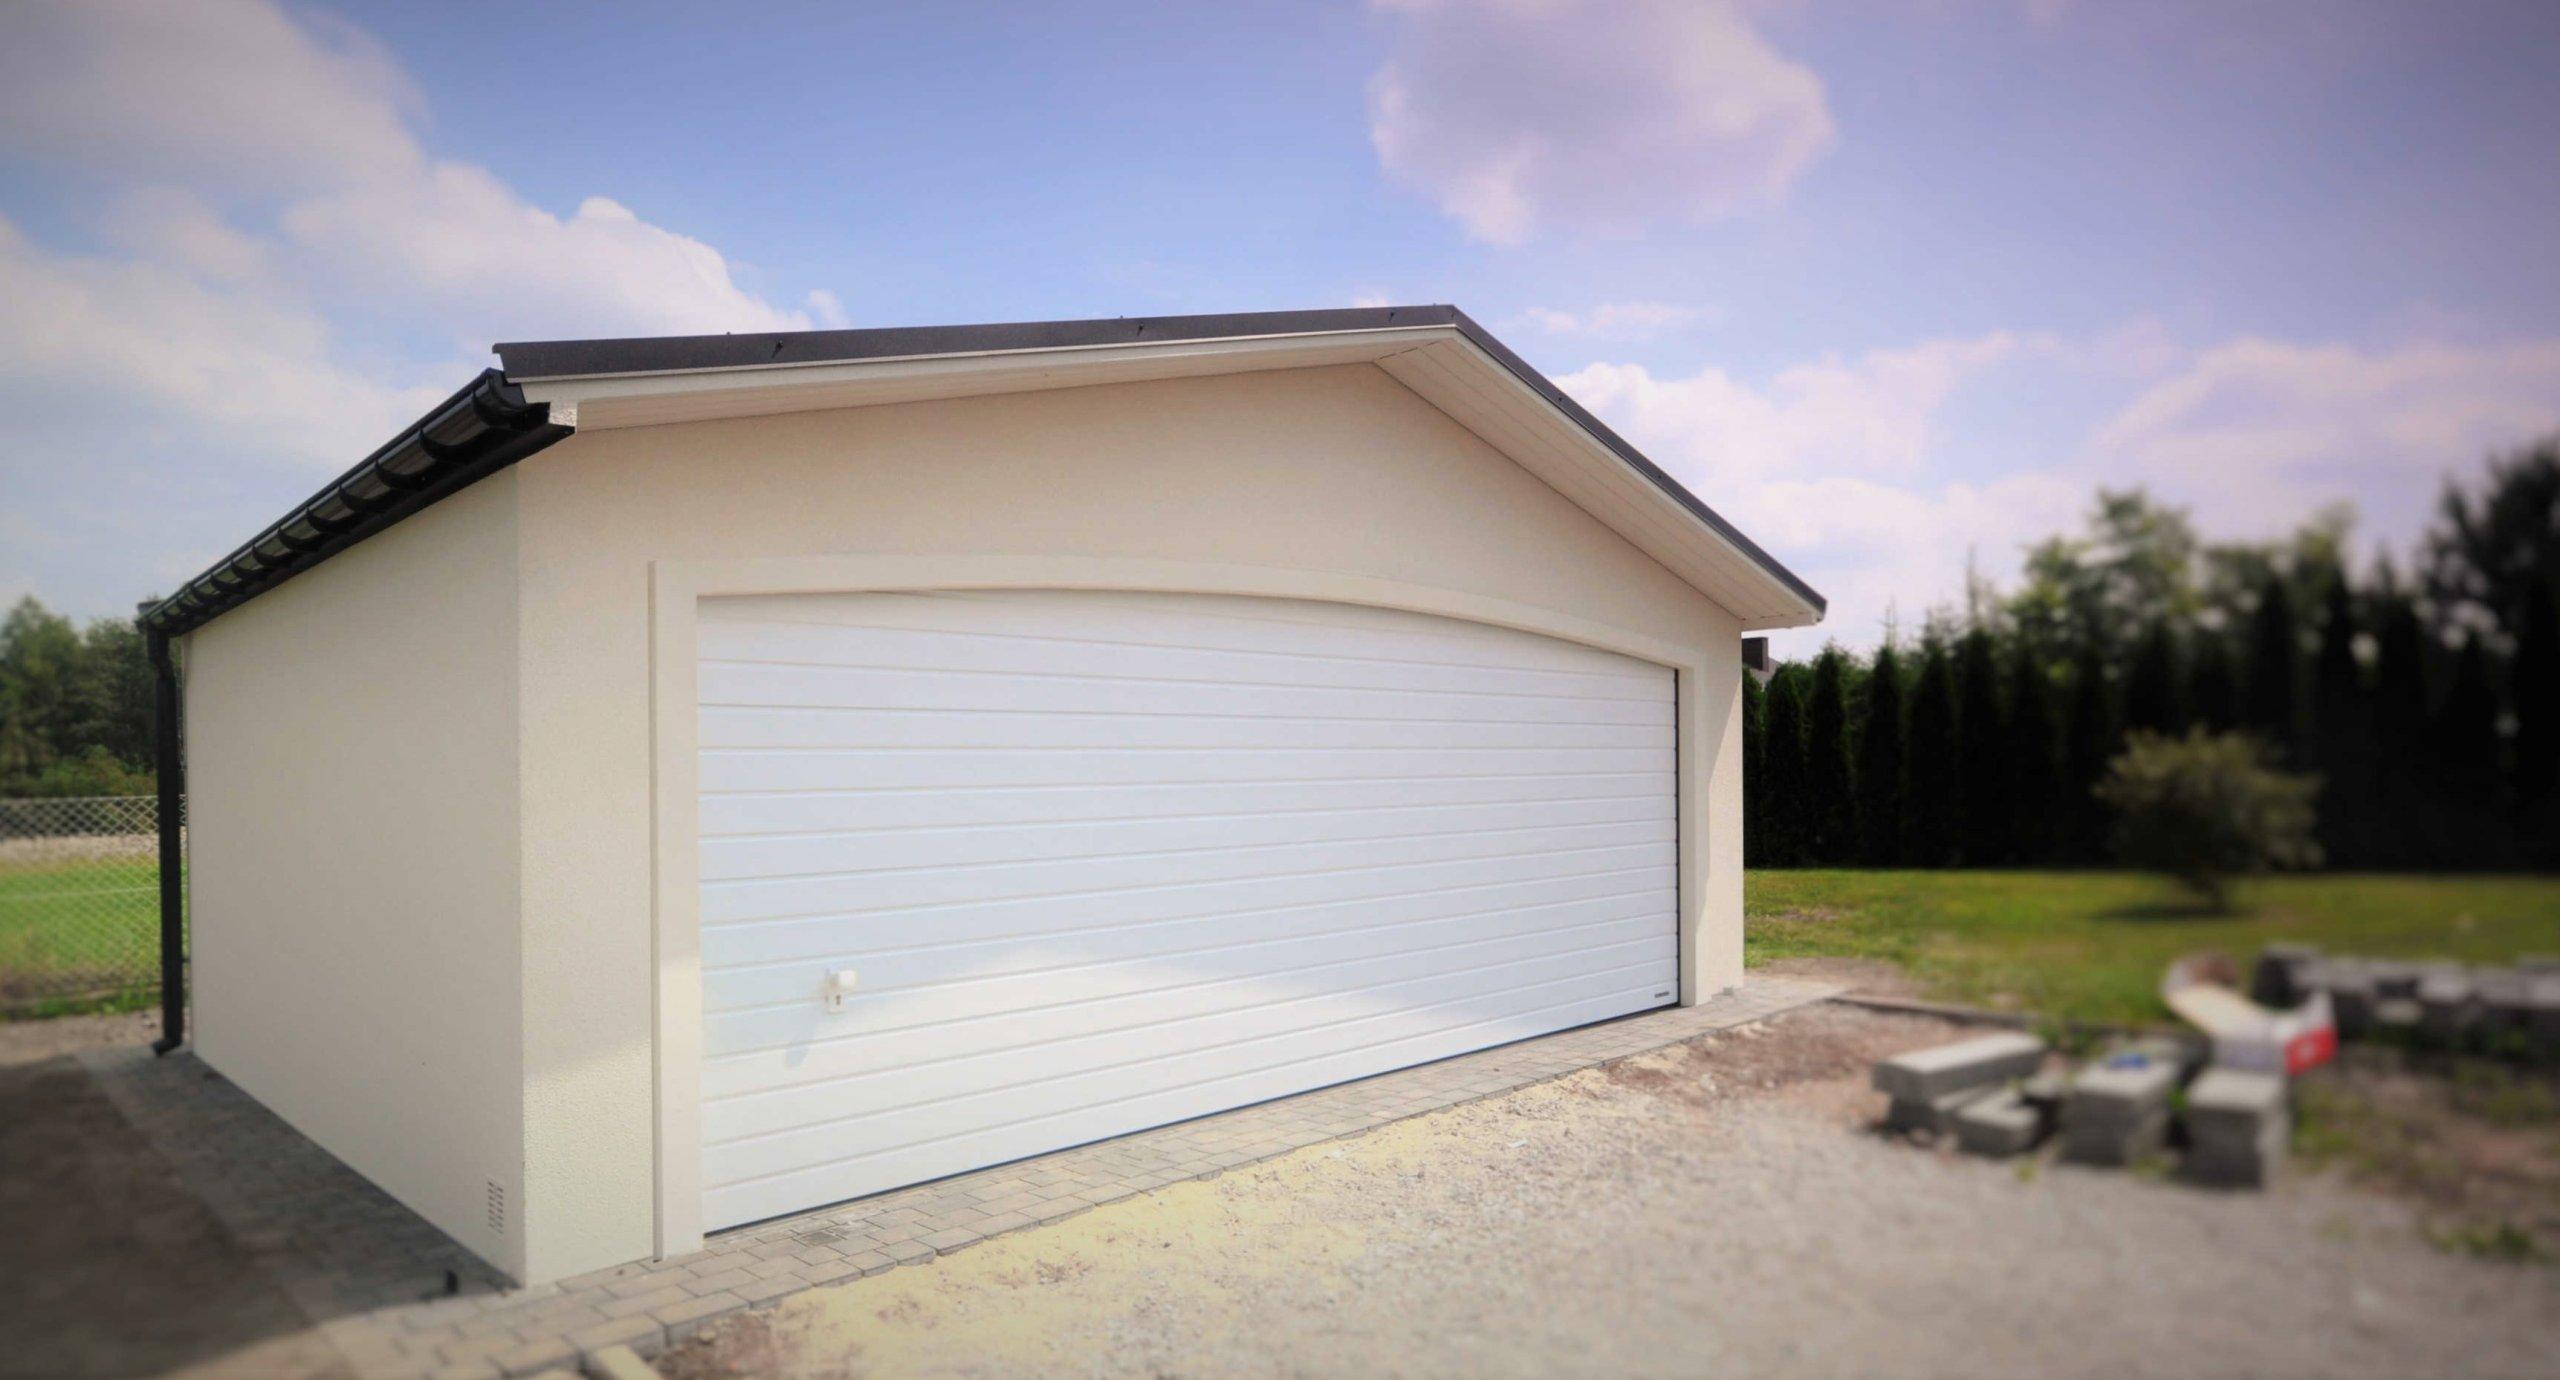 Garaż Blaszany Ocieplony Cena Xrw05 Usafrica